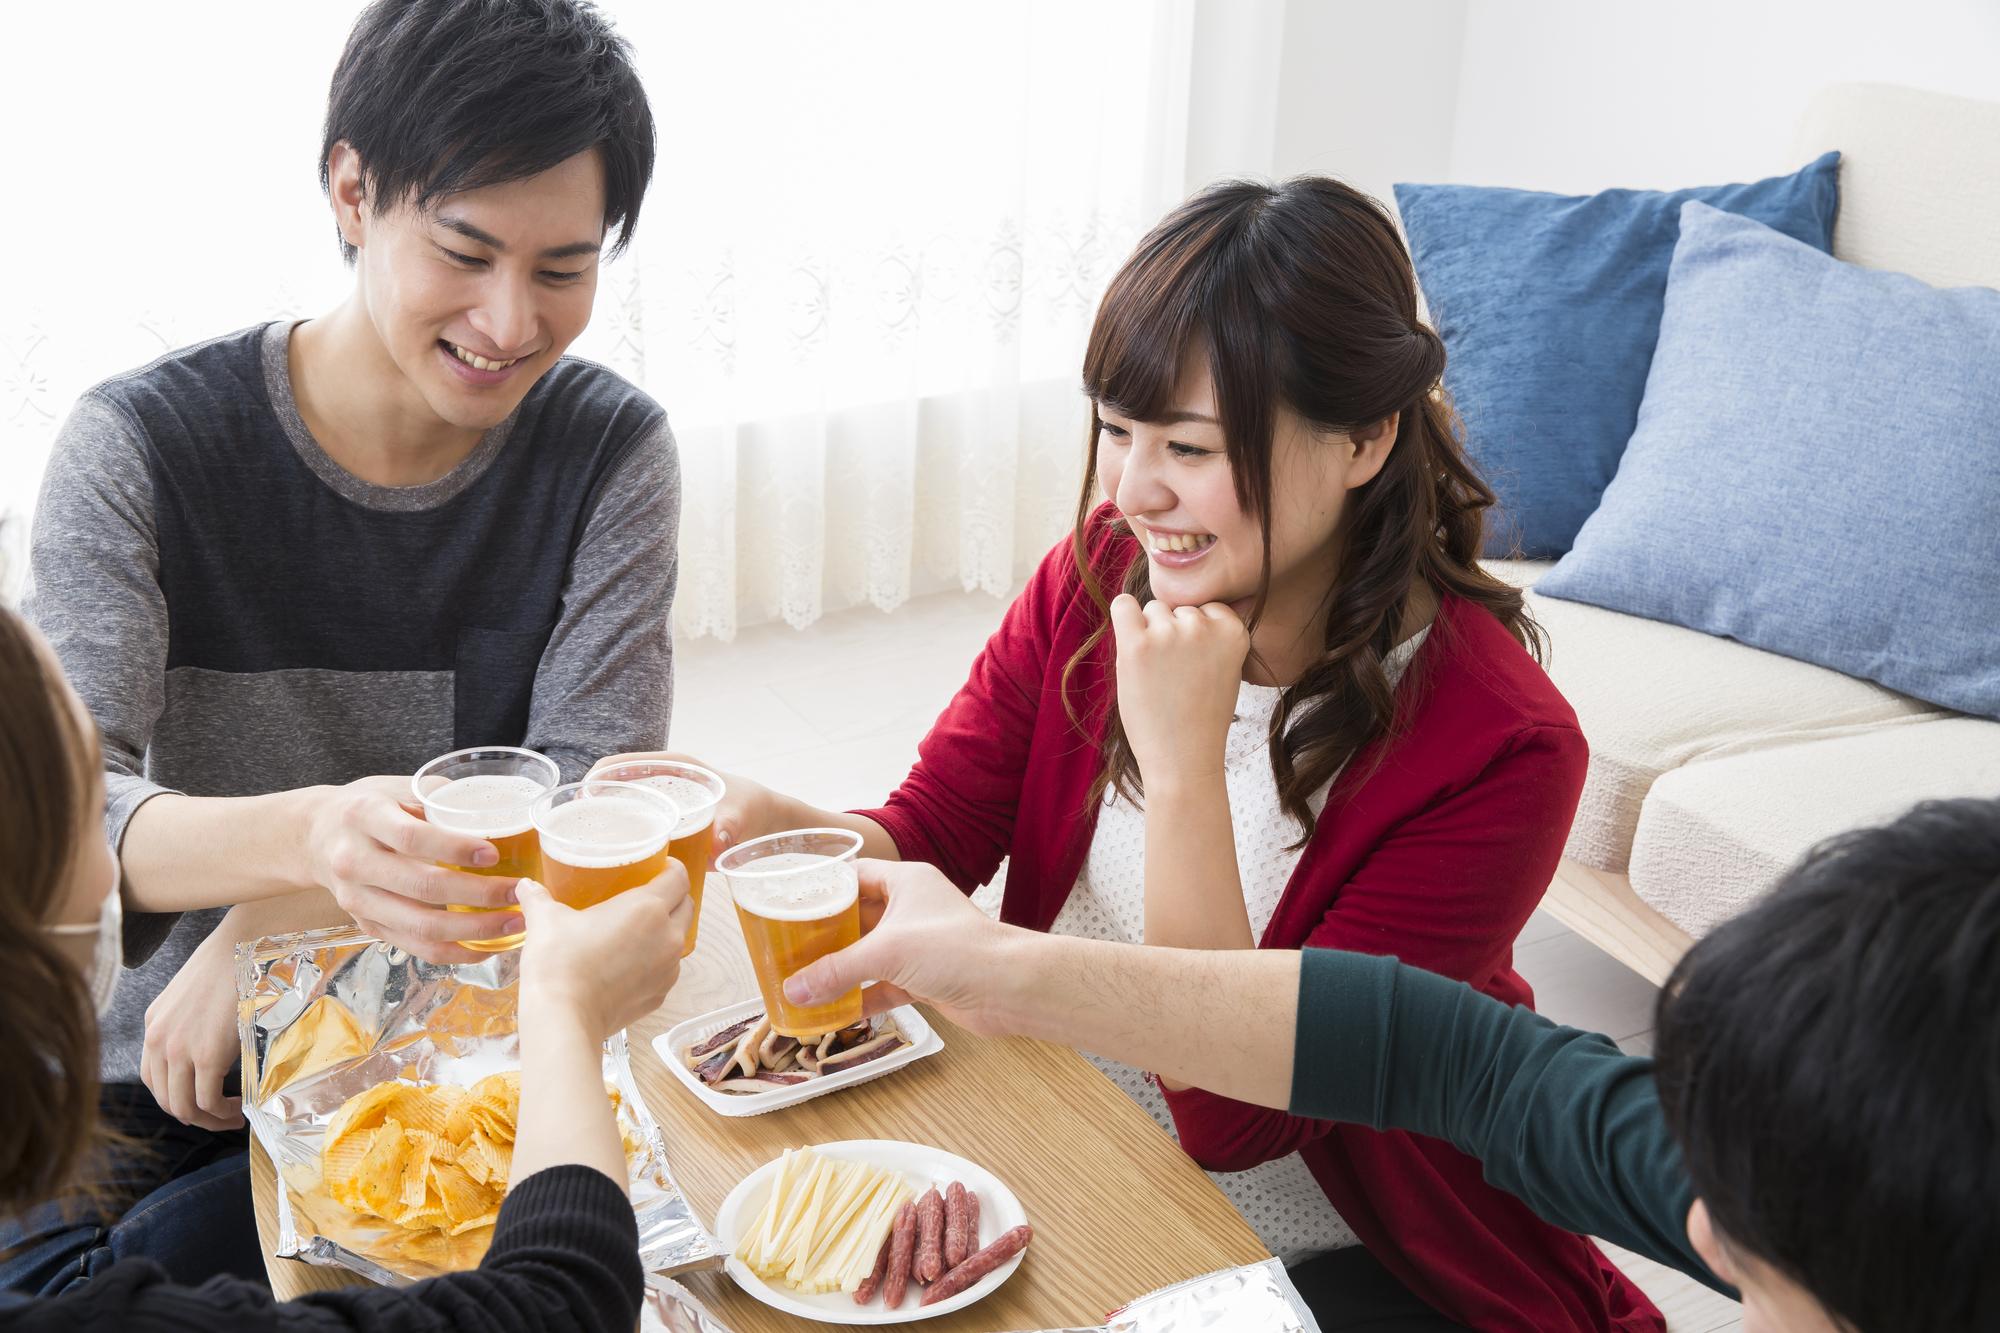 【バレンタイン企画】今年はレンタルスペースで手作りバレンタインパーティー!!